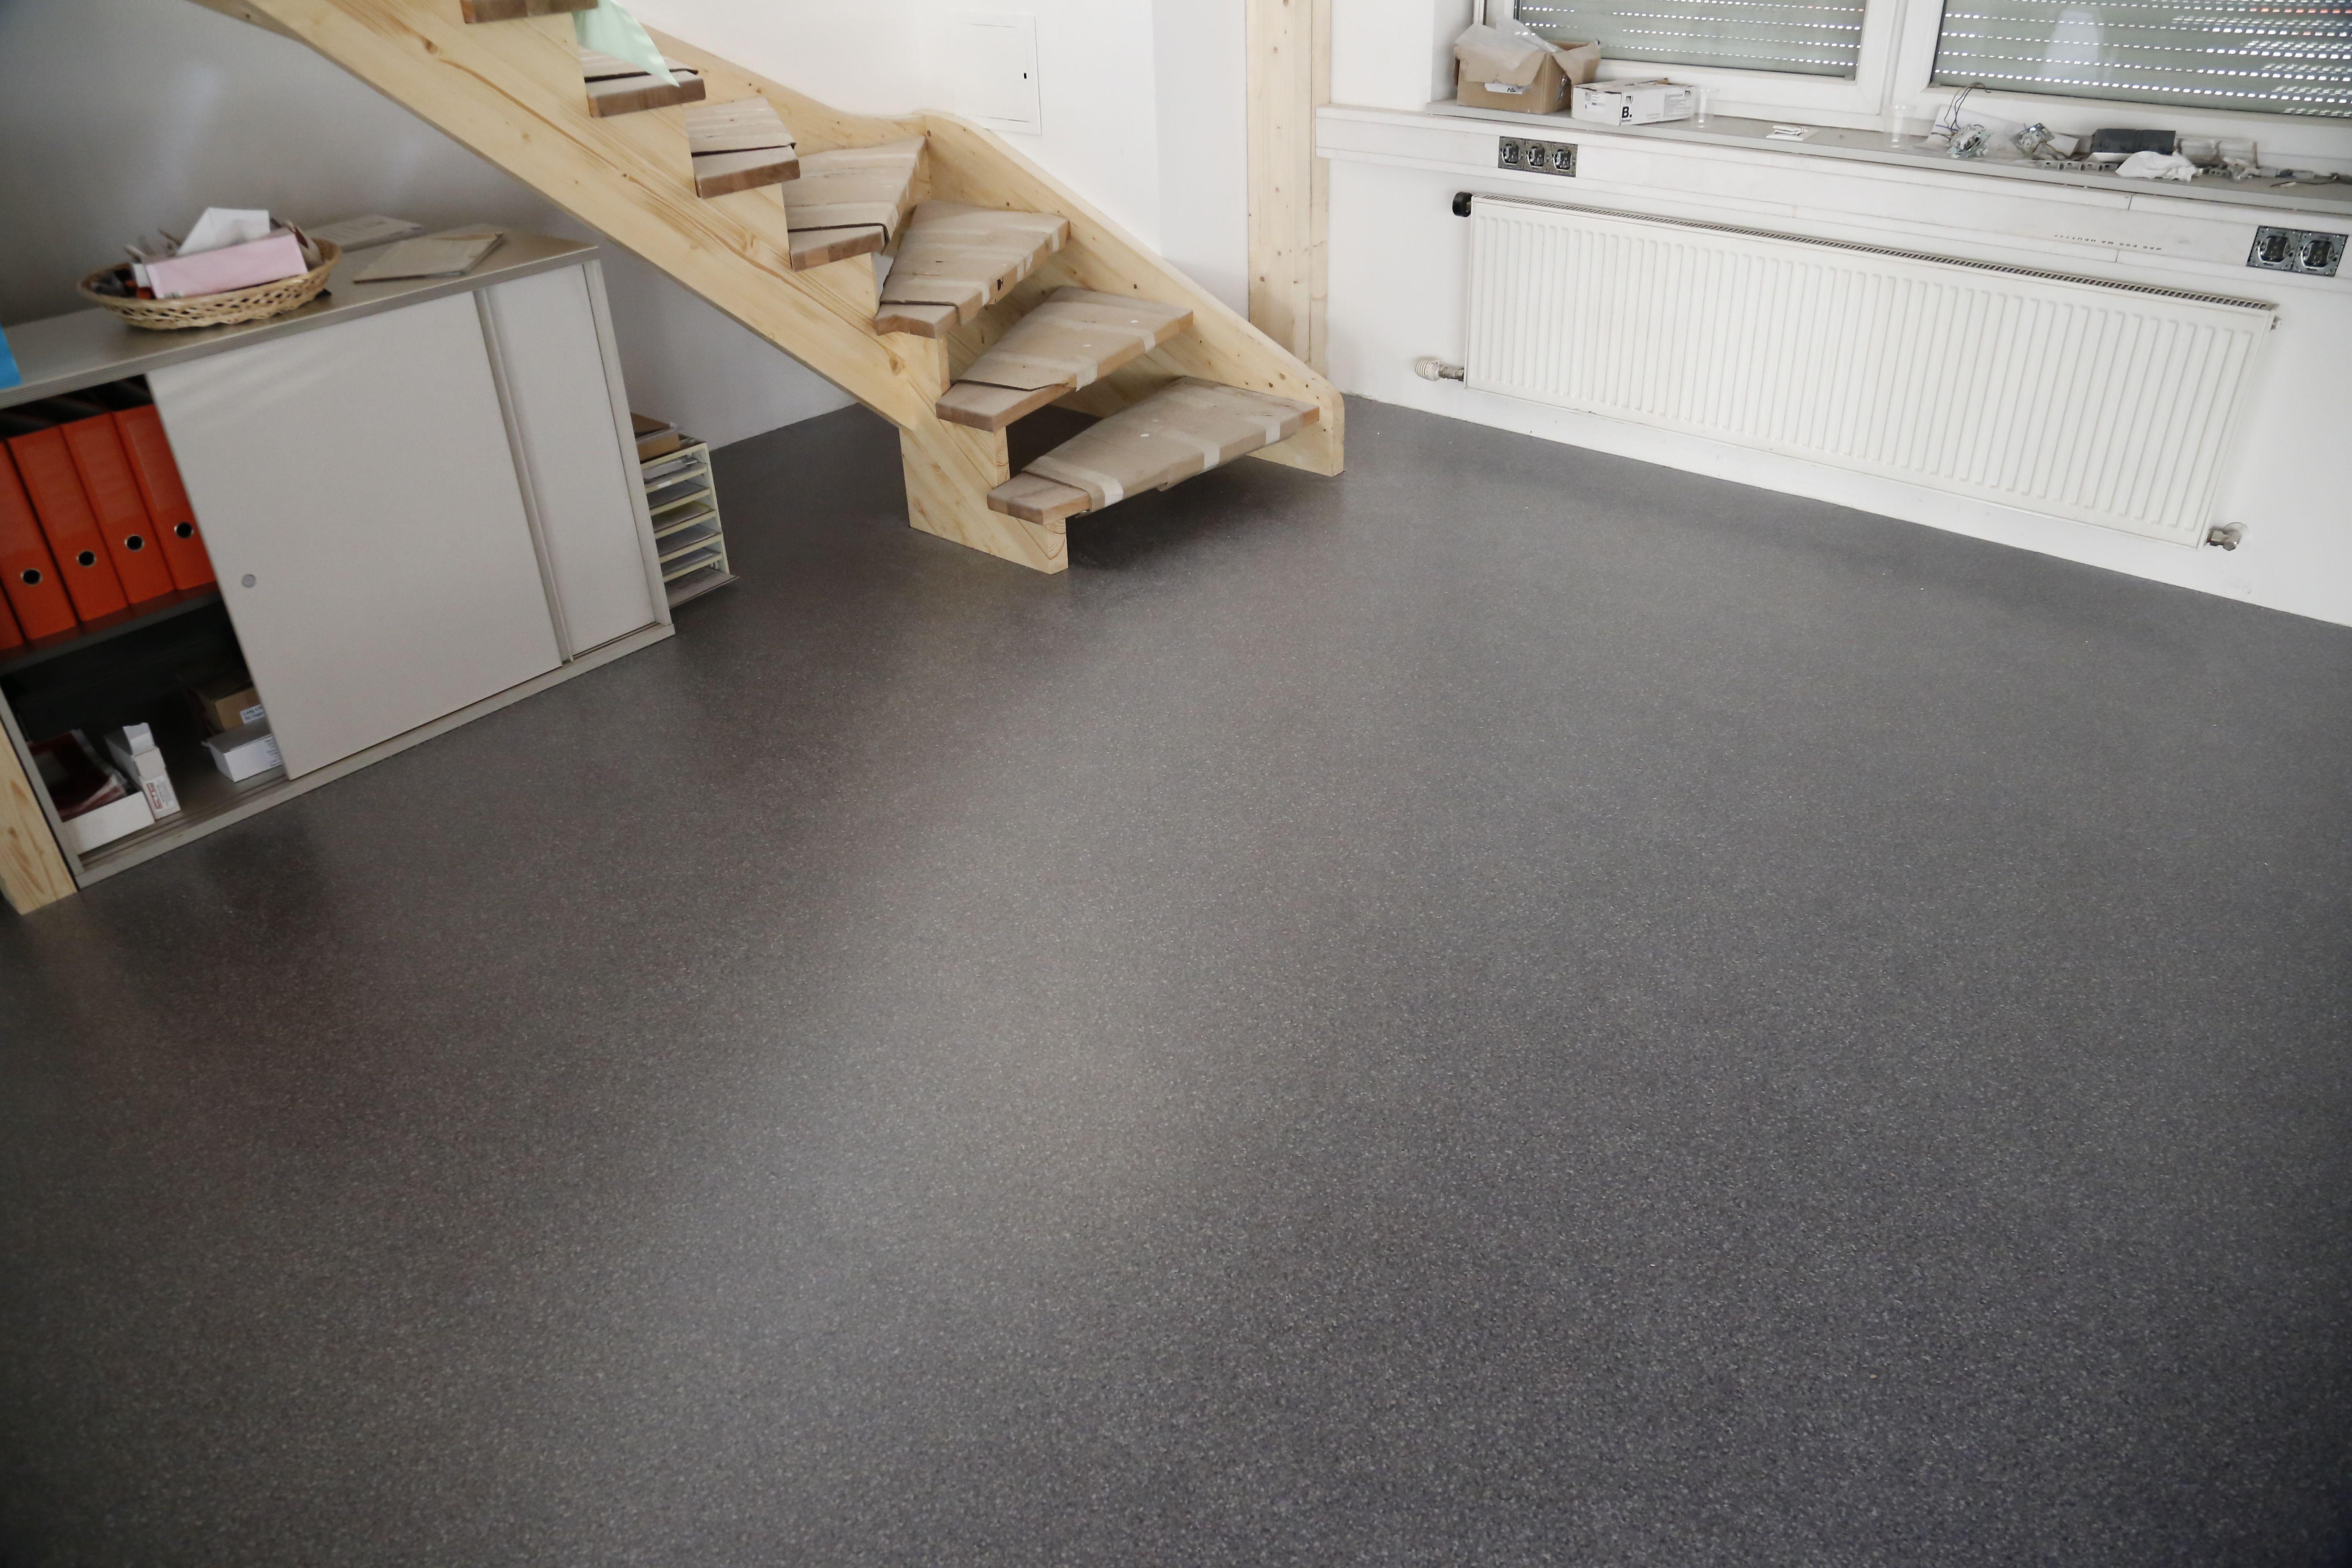 Auch Sie Konnen Sich Eine Solche Industrieboden Oberflache Selber Schaffen Der Pvc Bodenbelag Von Floorwork Macht Das Industrieboden Pvc Bodenbelag Bodenbelag